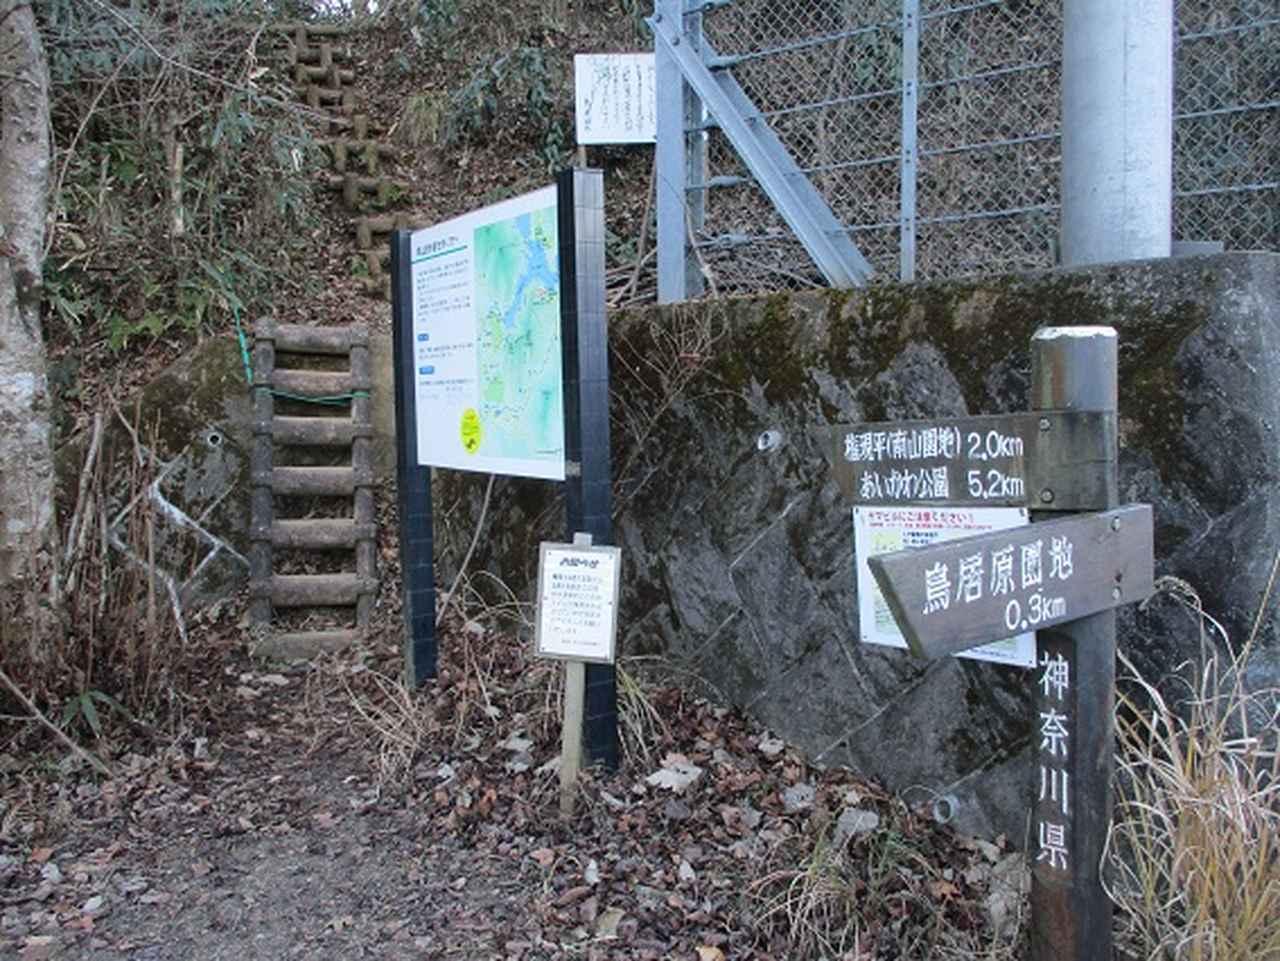 画像2: 1月の山旅会 「丹沢南山」 の下見にいってまいりました!